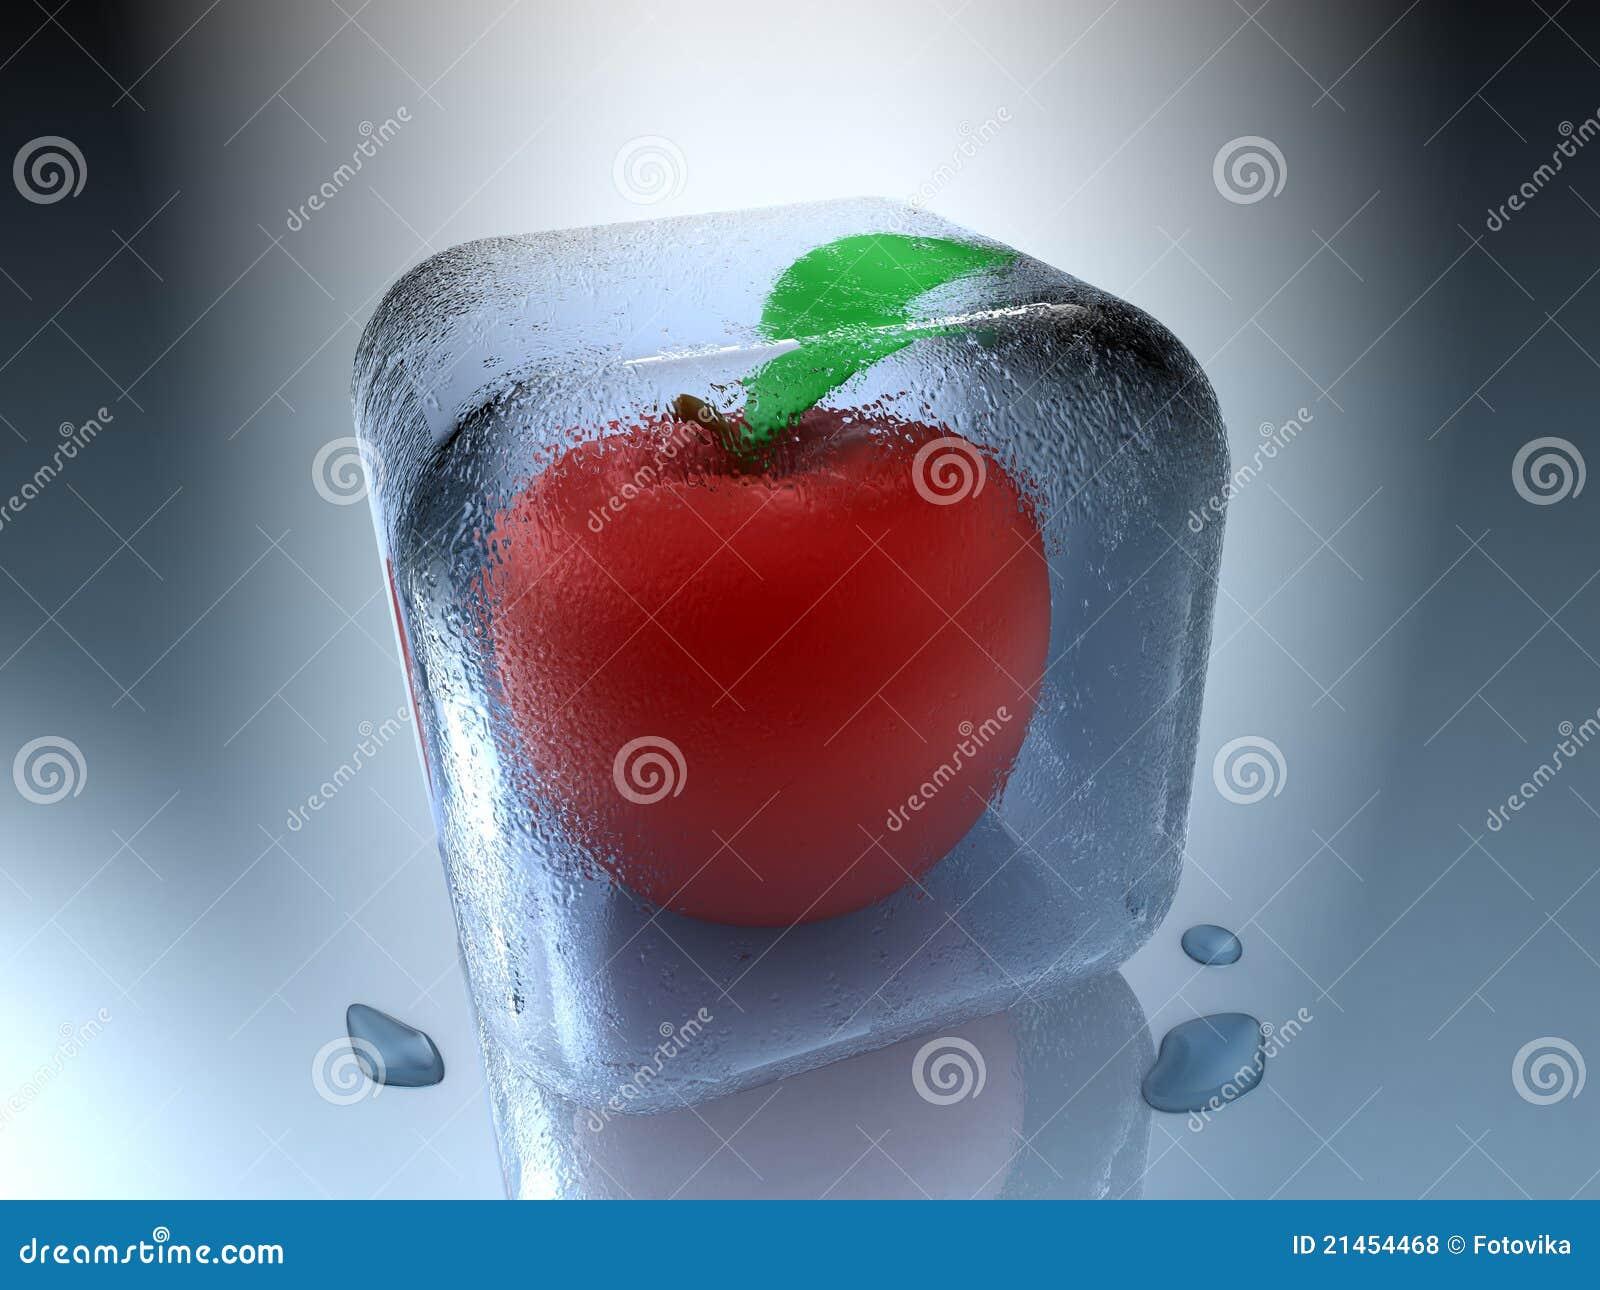 Apple frozen